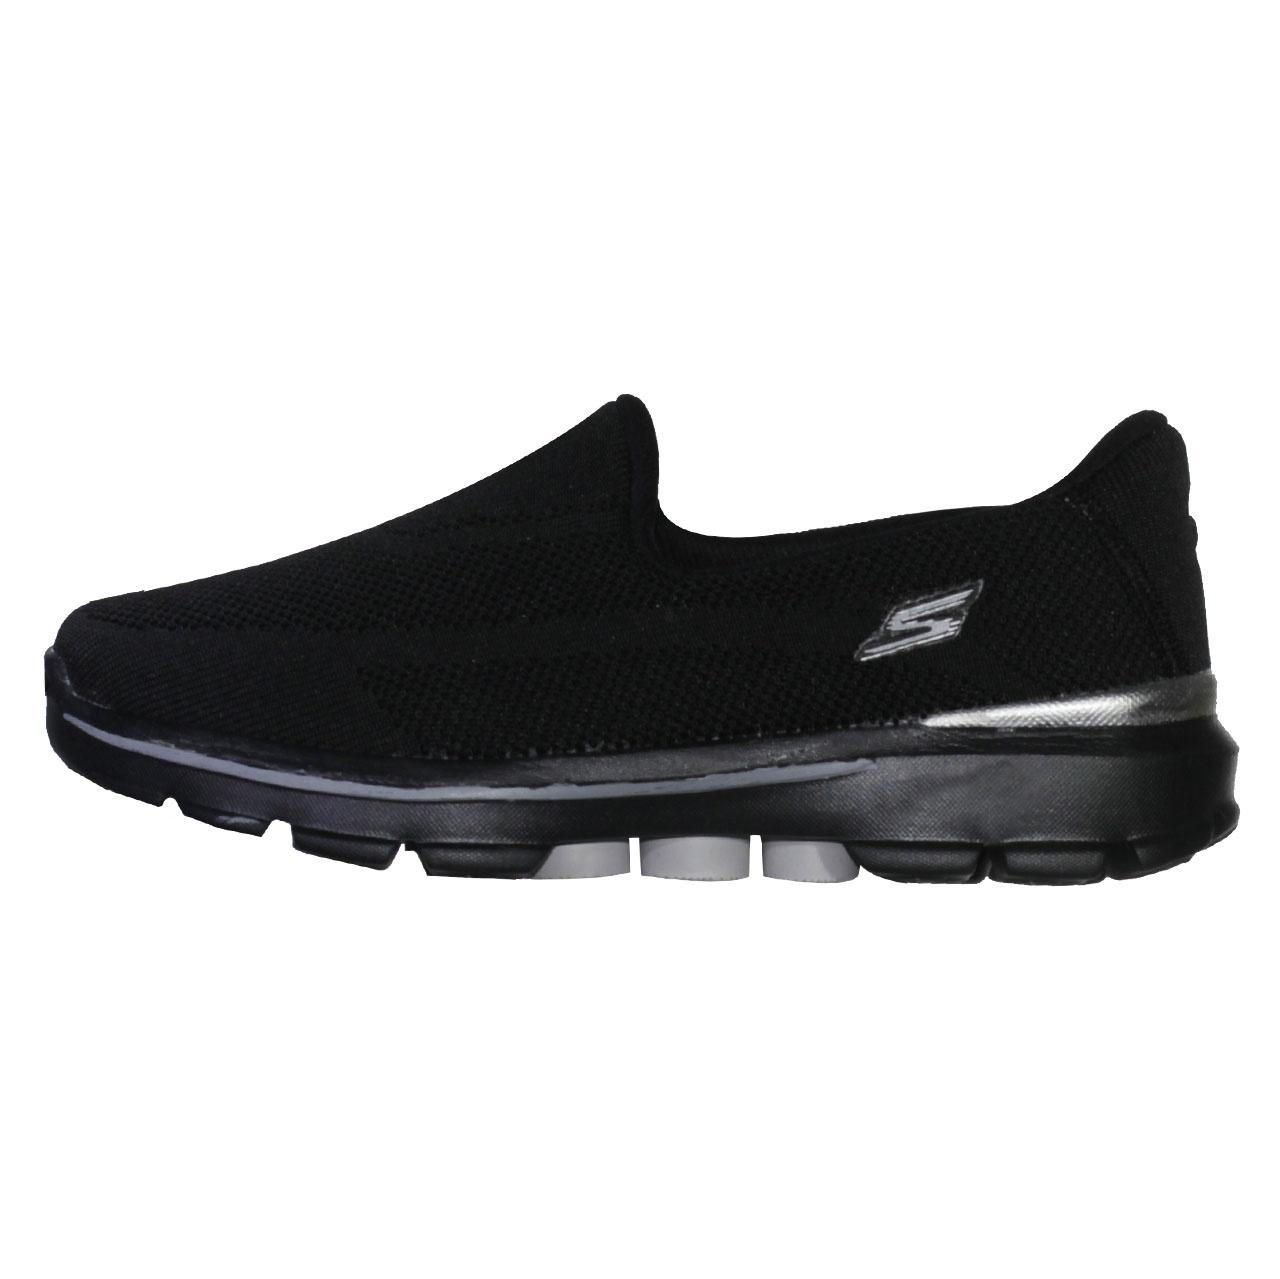 کفش مخصوص پیاده روی زنانه مدل Moshe کد 02